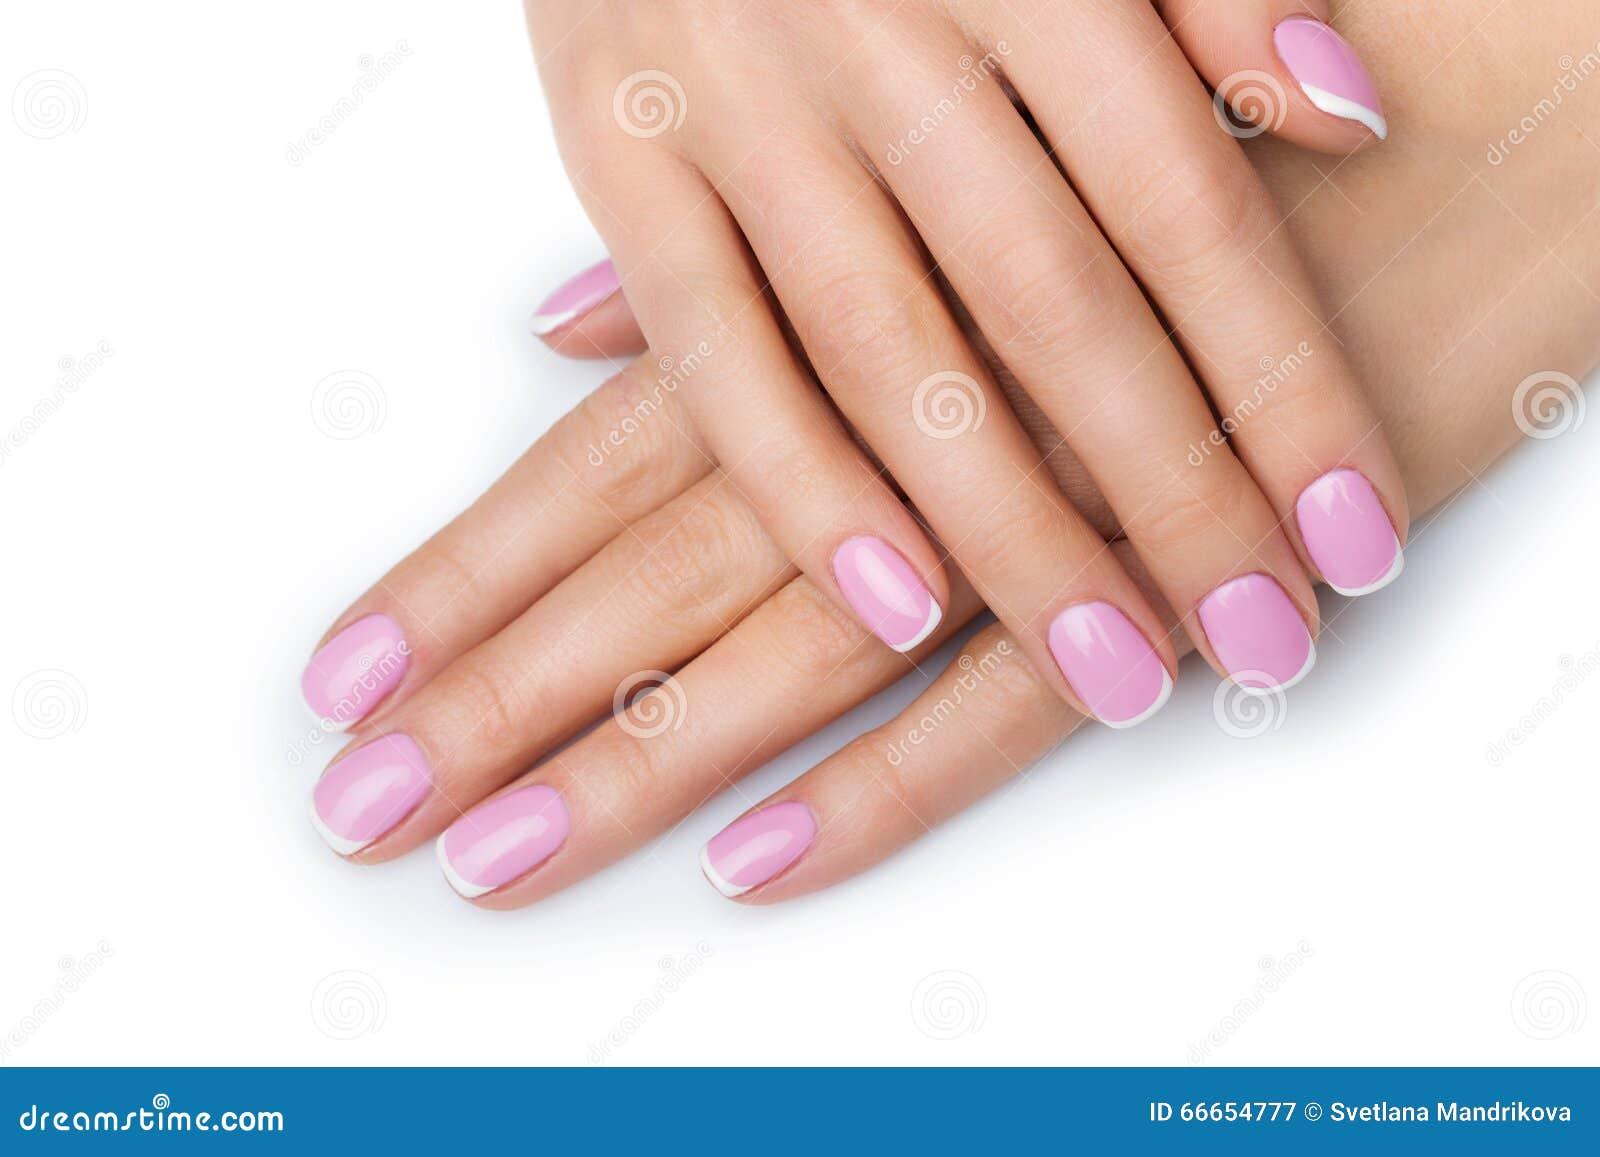 df8dee8e3d74 Χέρια γυναικών με το γαλλικό μανικιούρ Στοκ Εικόνα - εικόνα από ...